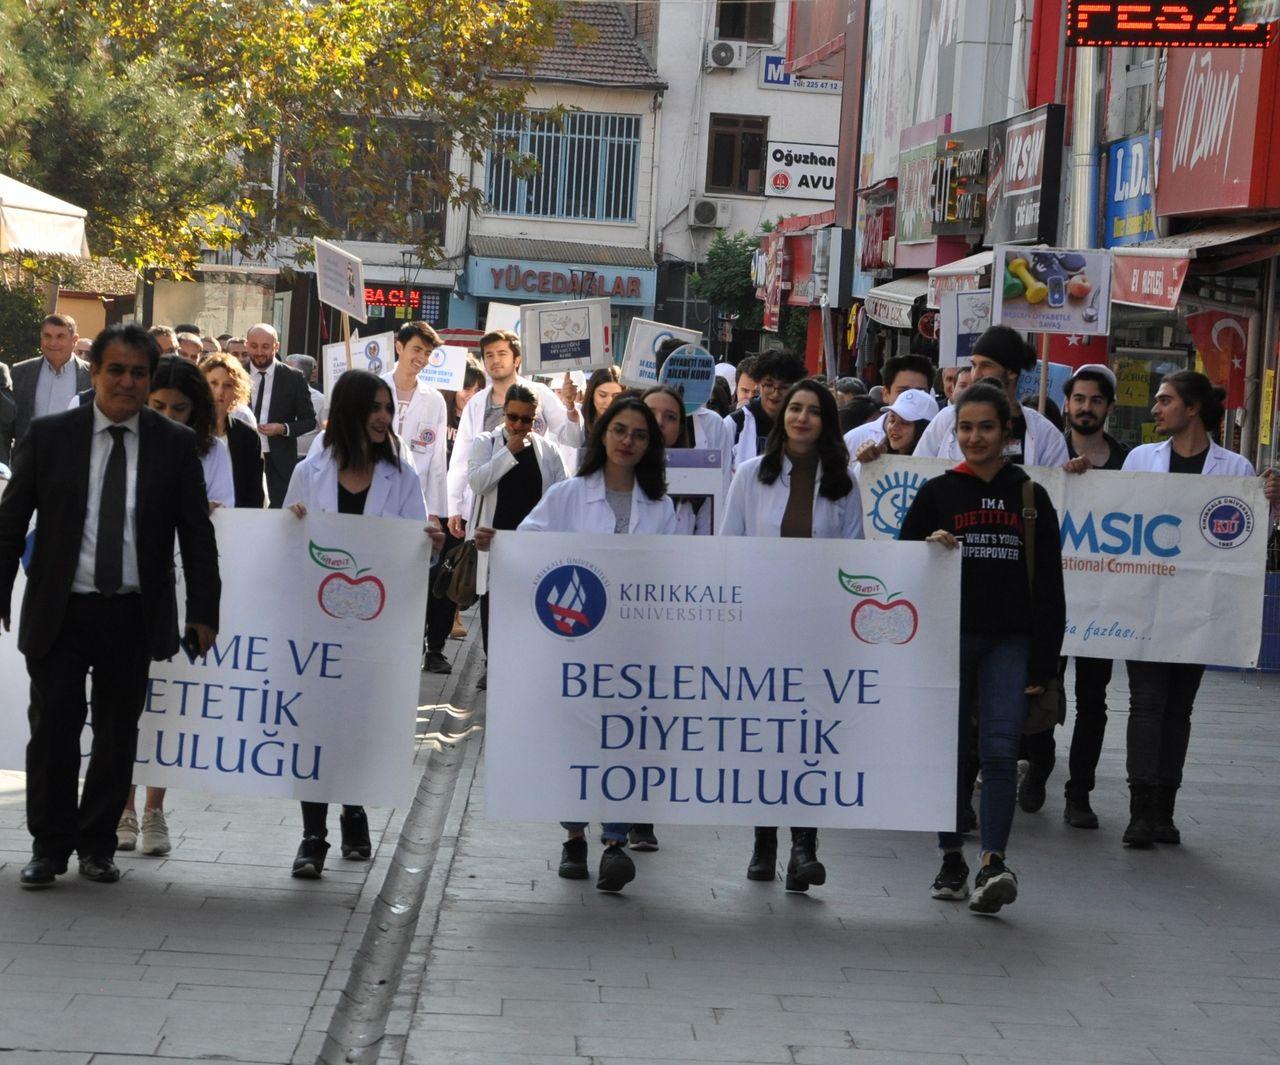 Kırıkkale'de, 14 Kasım Dünya Diyabet Günü